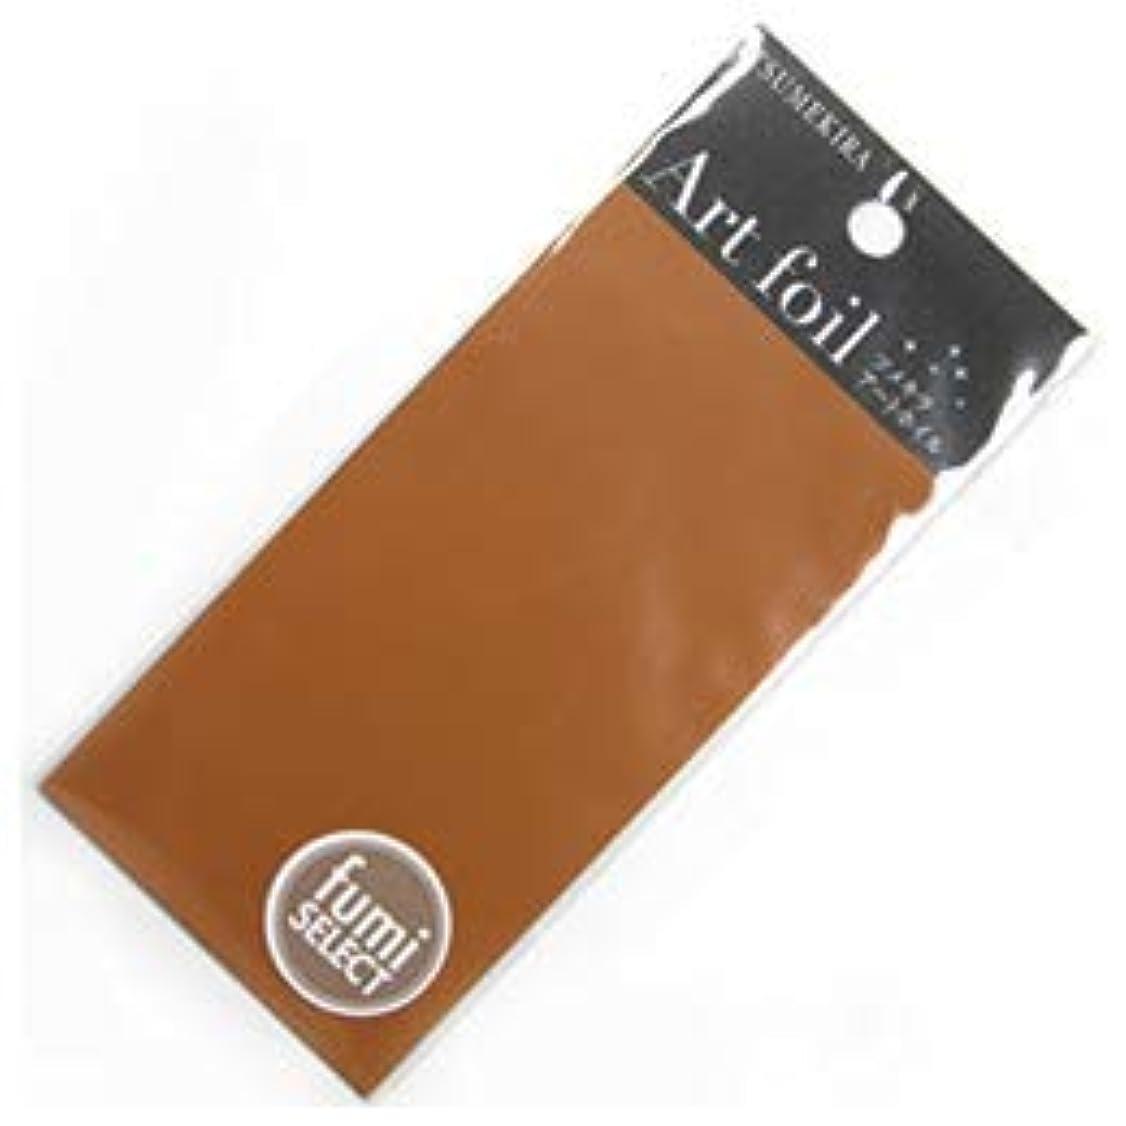 誘う具体的に位置づけるツメキラ アートホイル Fumiセレクト ベイクドオレンジ AF-FUM-015